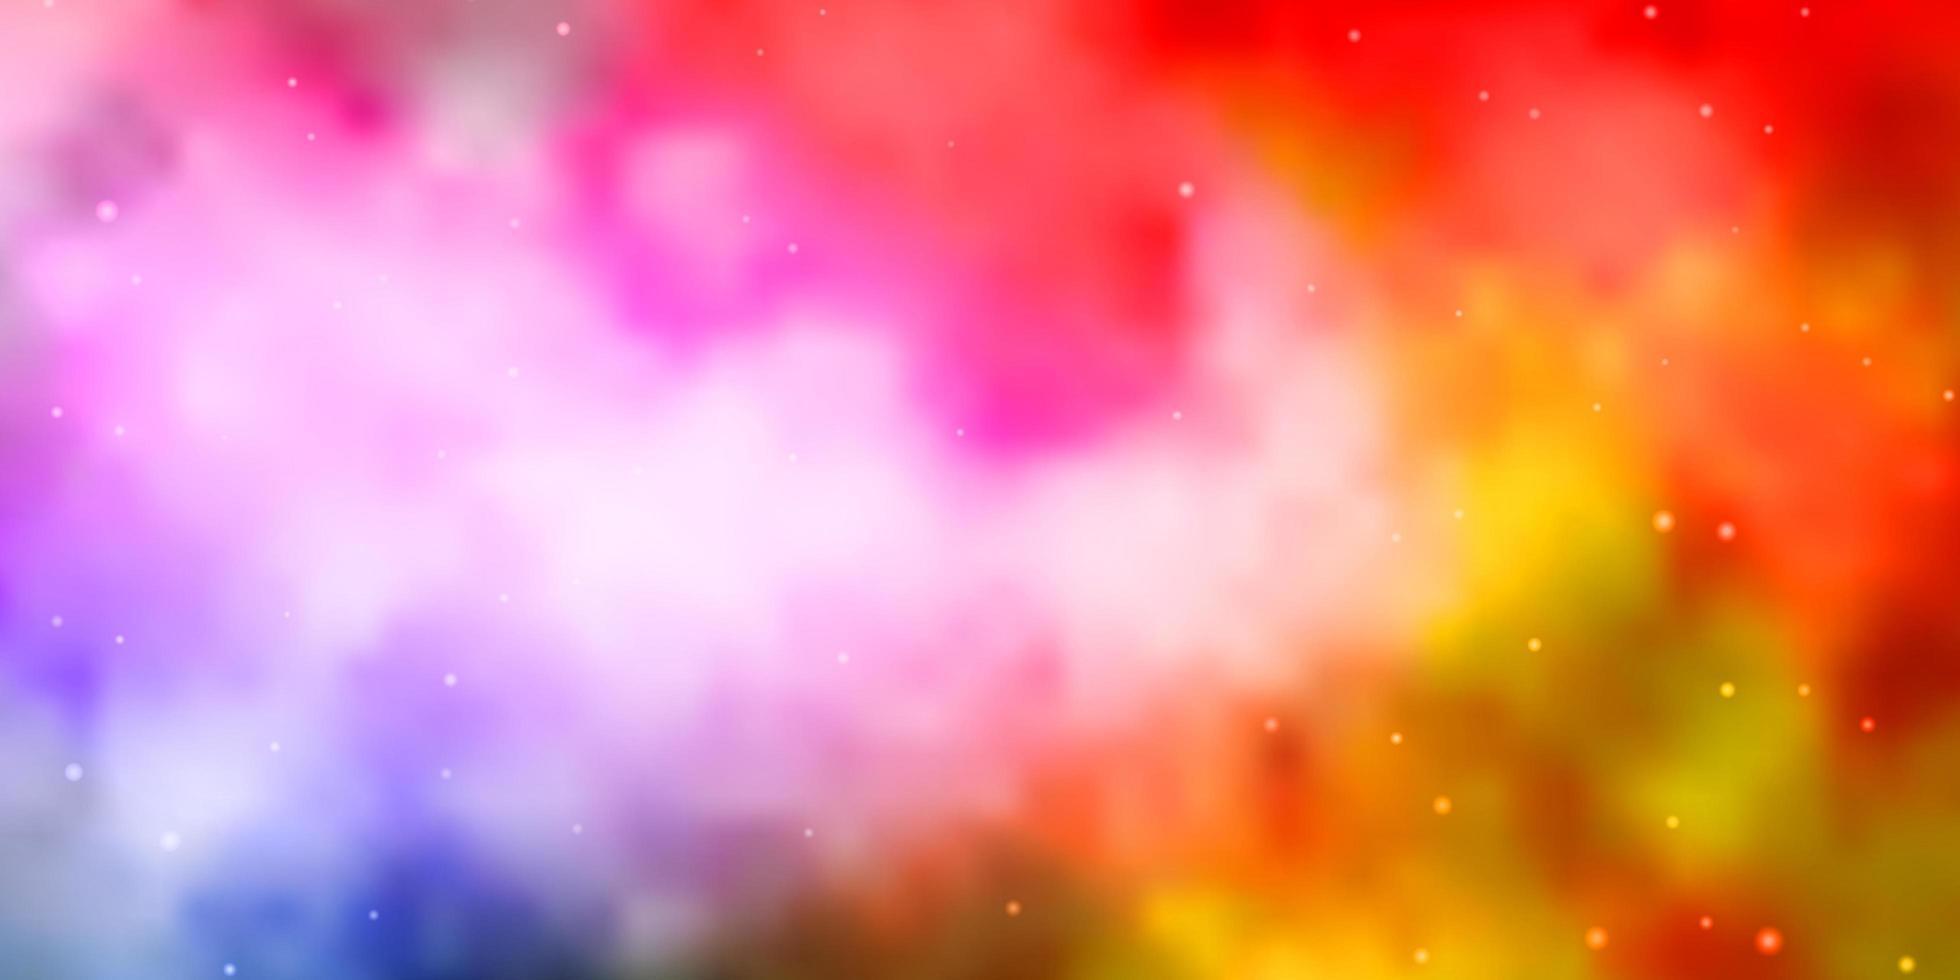 heller mehrfarbiger Vektorhintergrund mit kleinen und großen Sternen. vektor